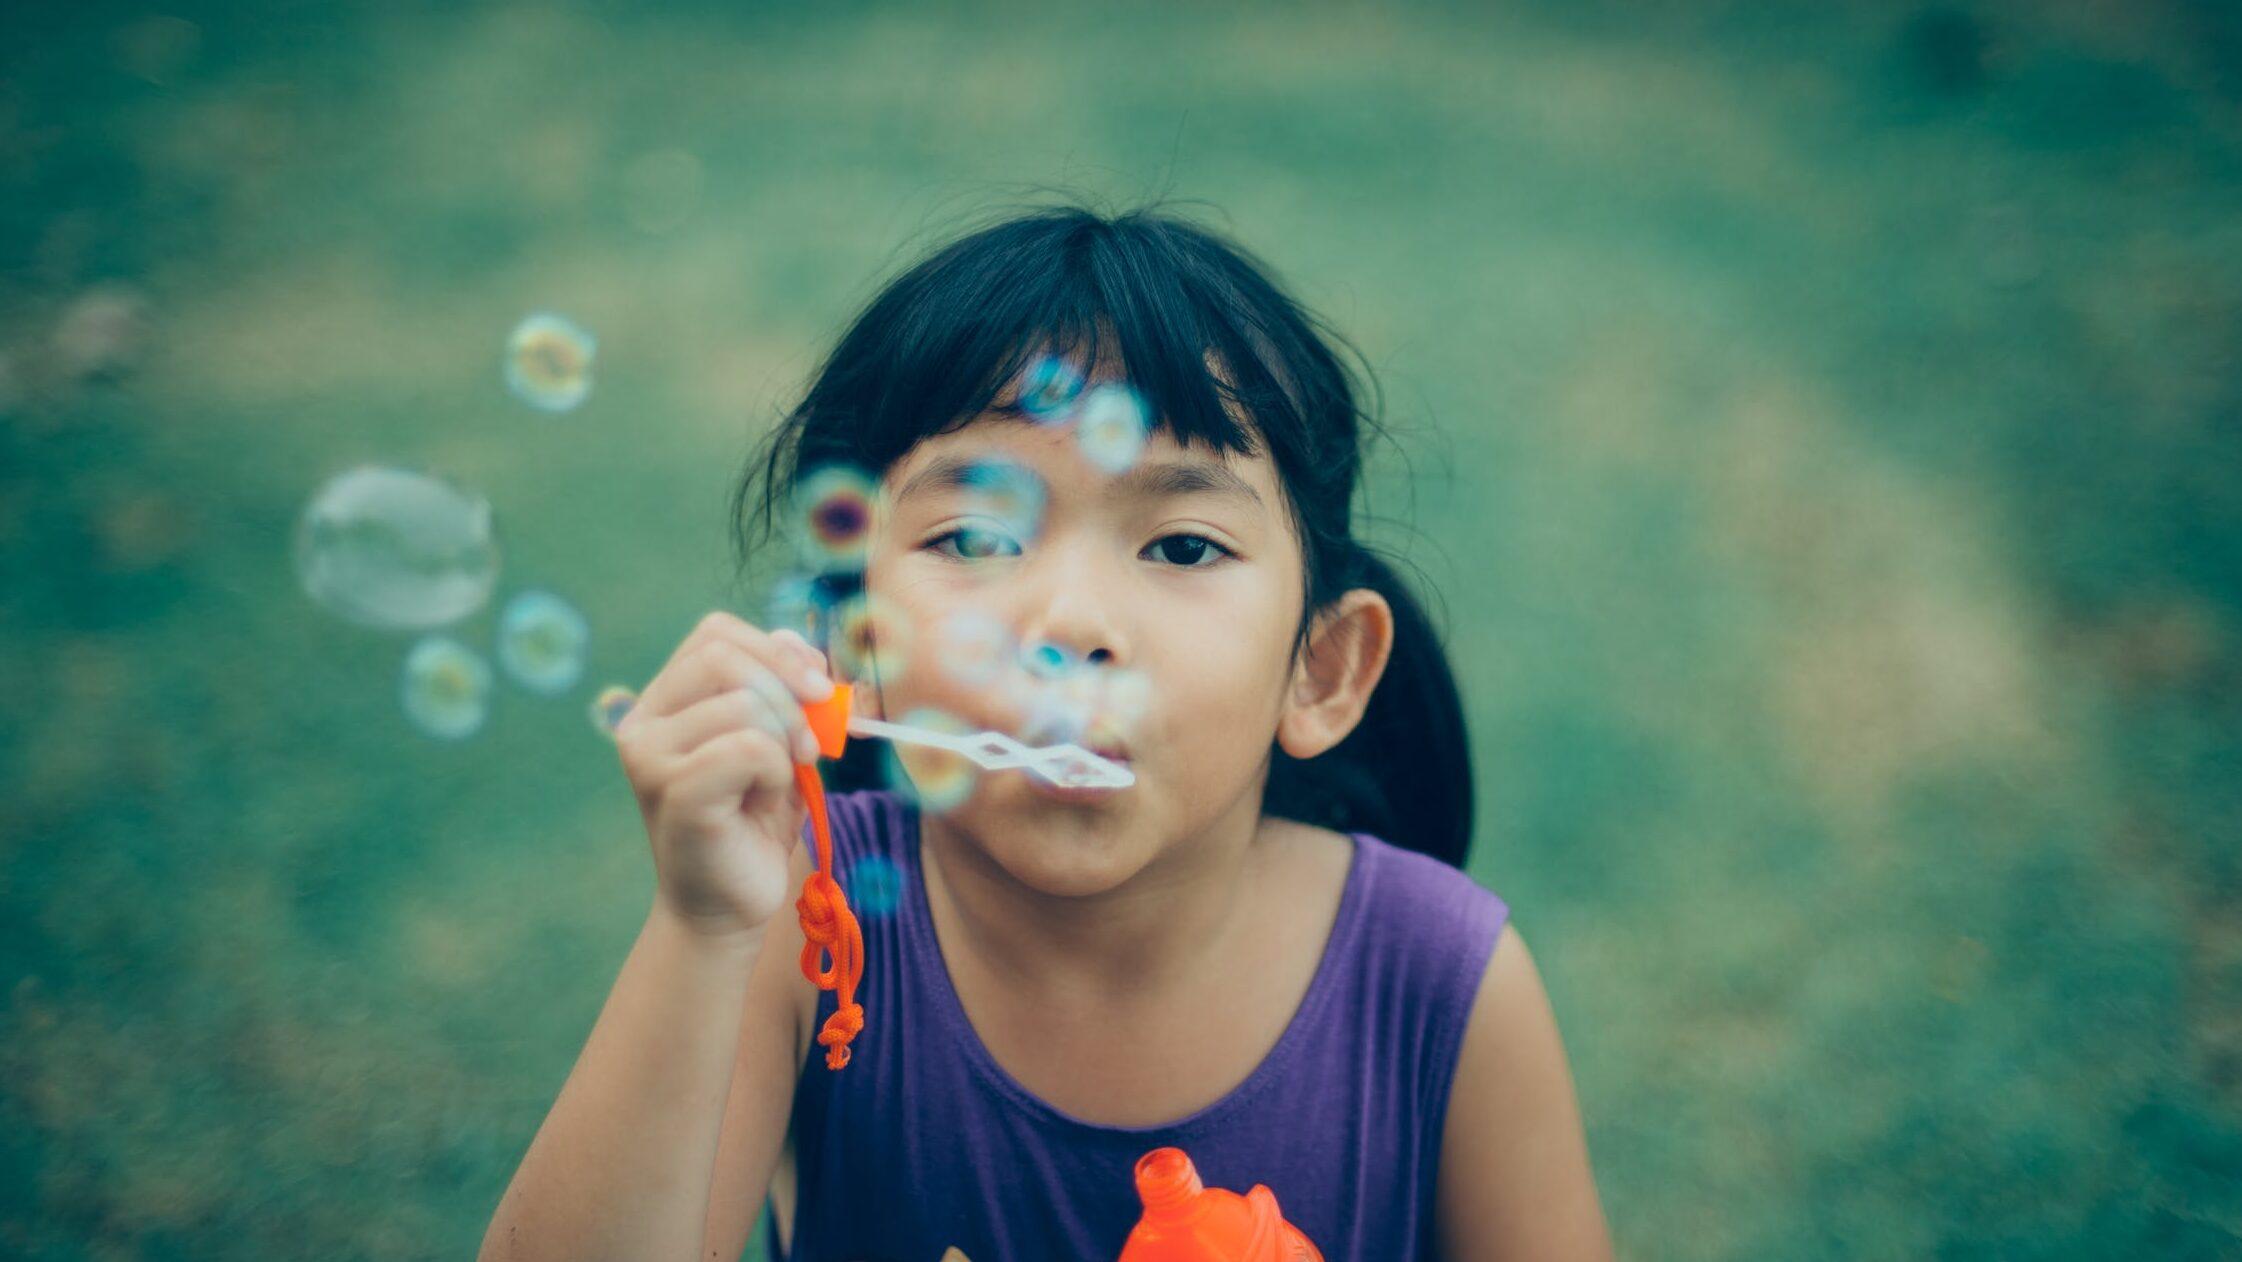 した唇を吸う・噛む癖を持つ子ども(幼児)が心配のイメージ画像4